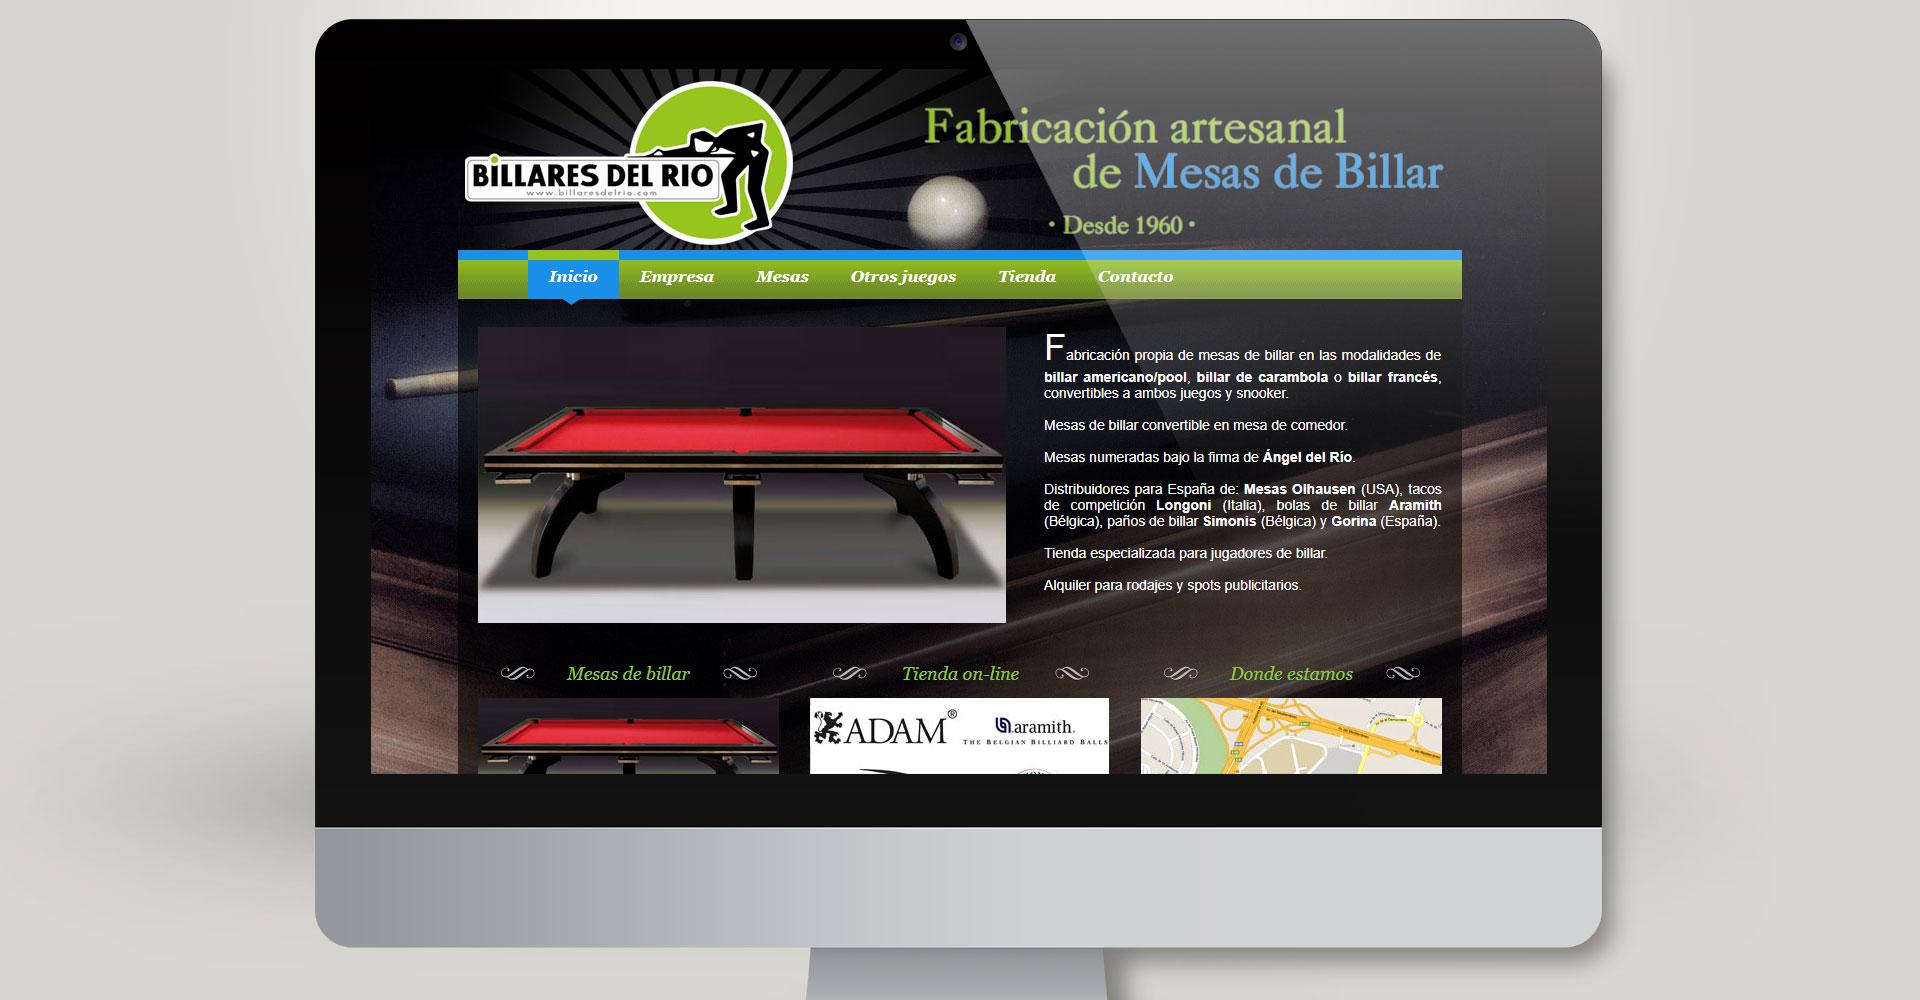 Billares Del Rio